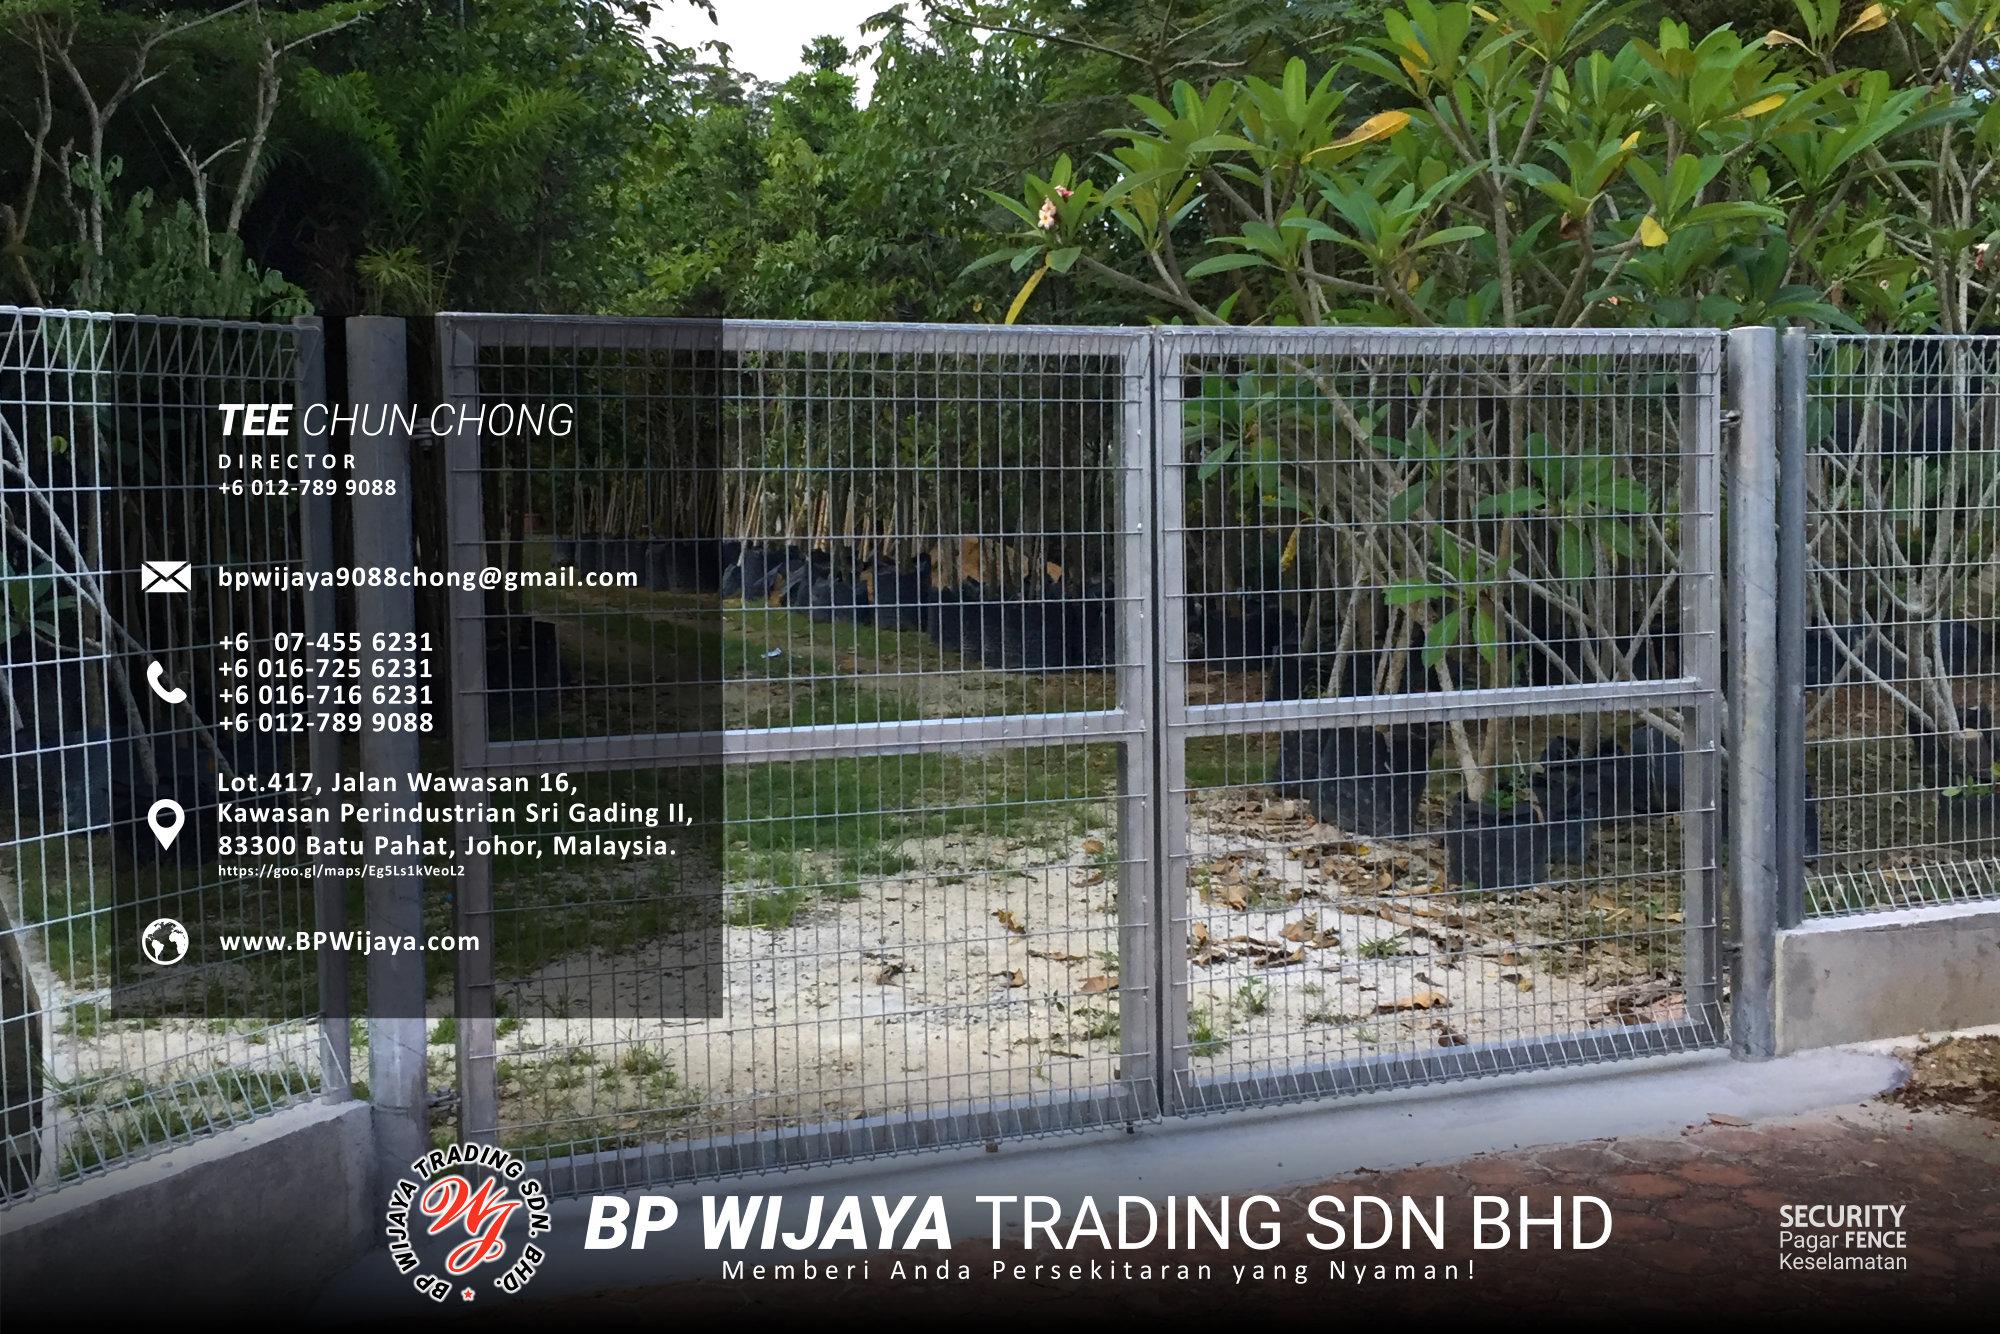 Pembekal Kuala Lumpur Pagar Keselamatan kami merupakan pengilang pagar keselamatan BP Wijaya Trading Sdn Bhd Pagar Taman Pagar Bangunan Pagar Kilang Pagar Rumah Pemborong Pagar Keselamatan A03-026